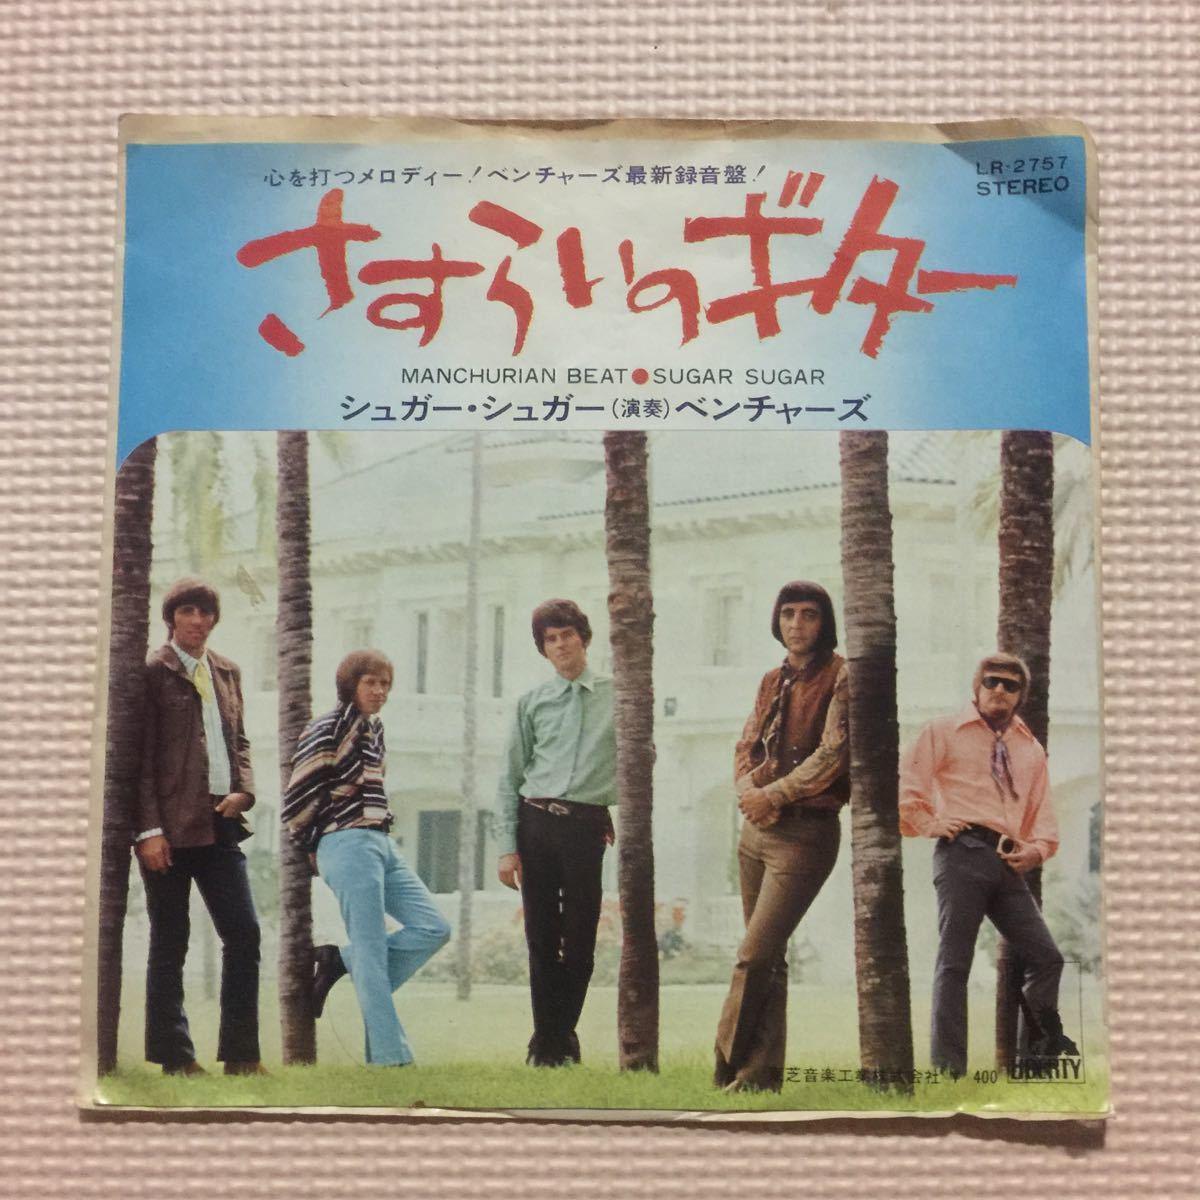 ザ ・ベンチャーズ さすらいのギター 国内盤7インチシングルレコード